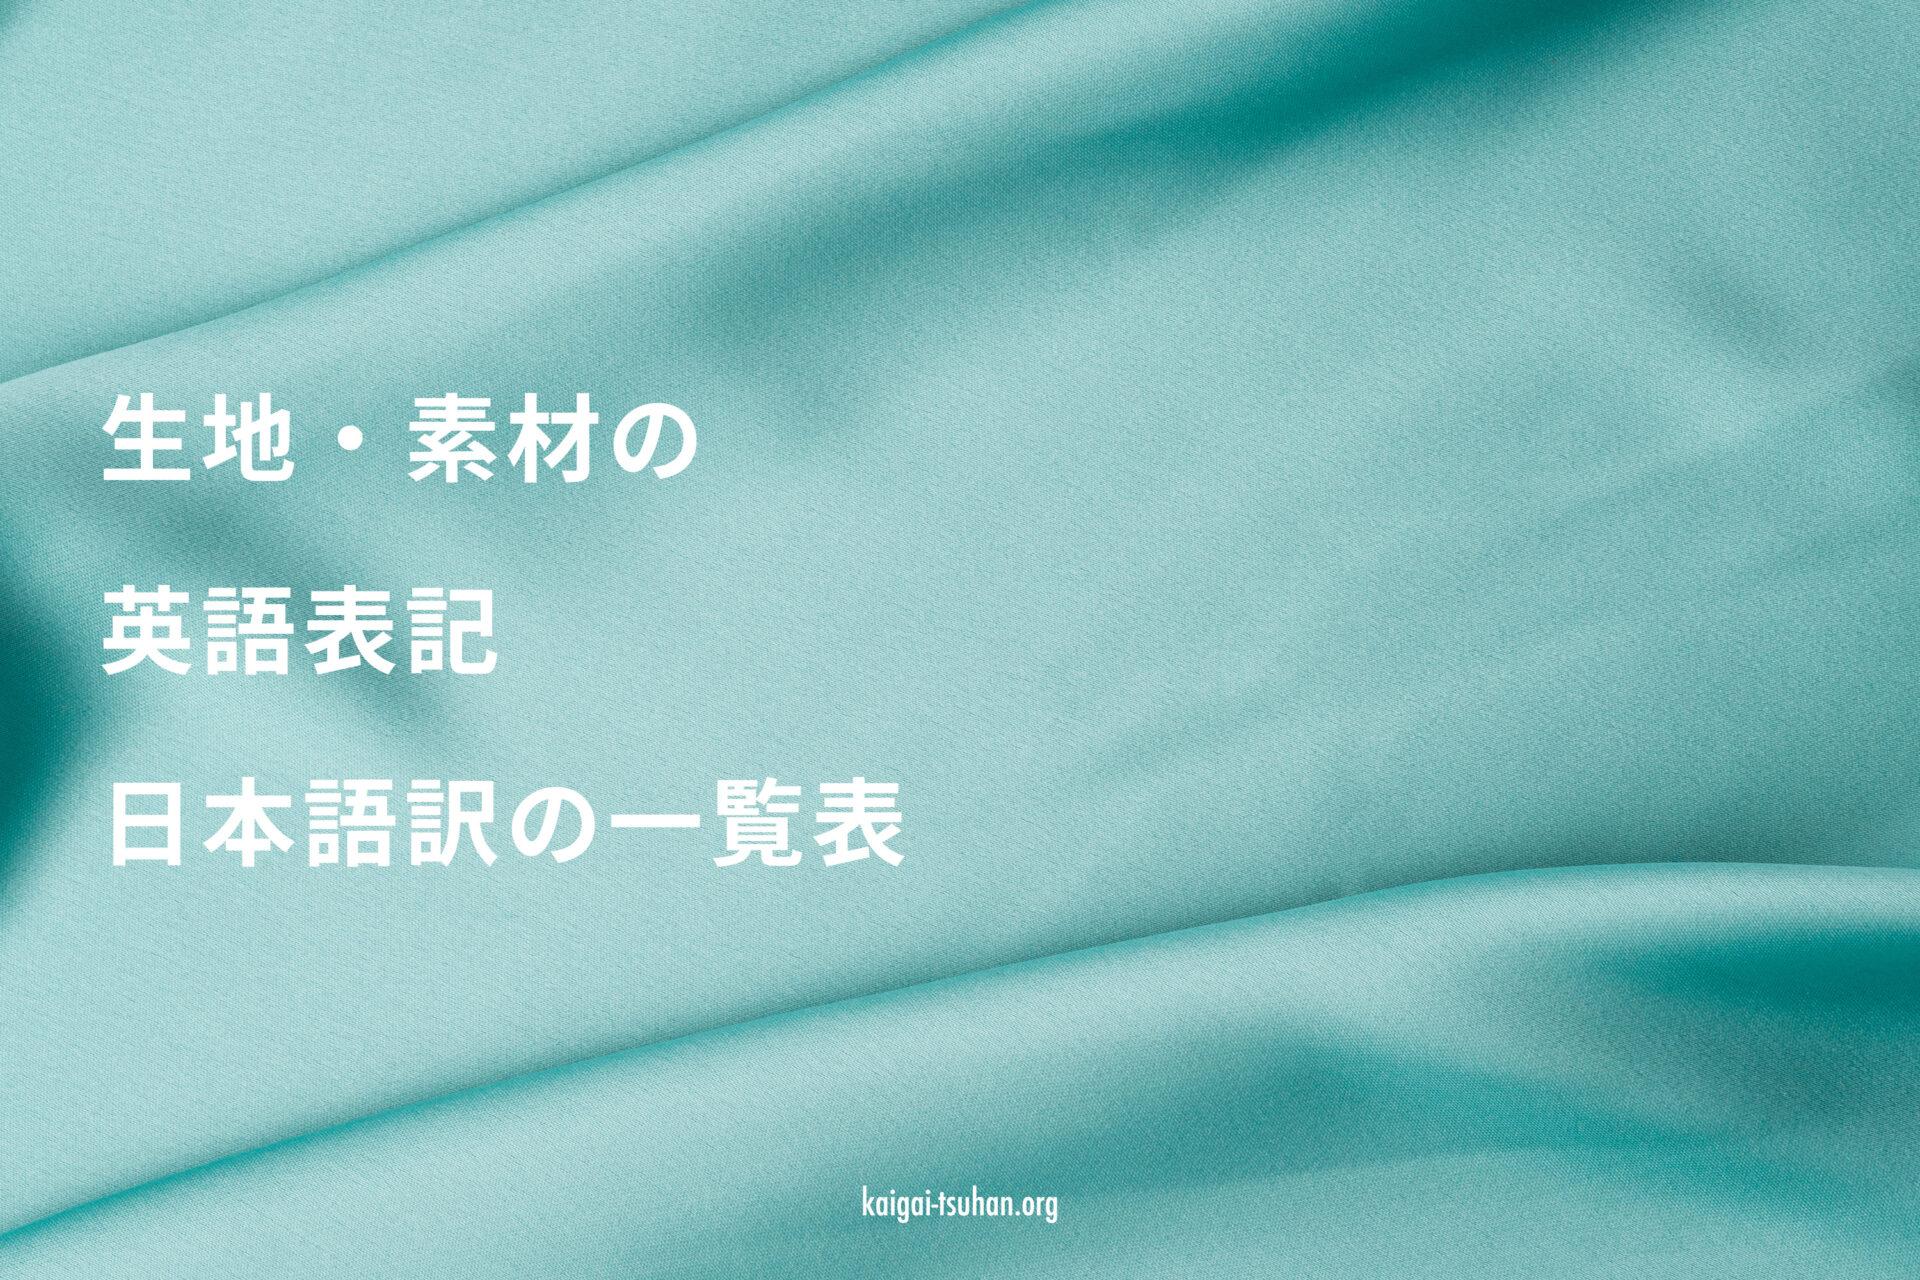 生地・素材の英語表記 日本語訳の一覧表